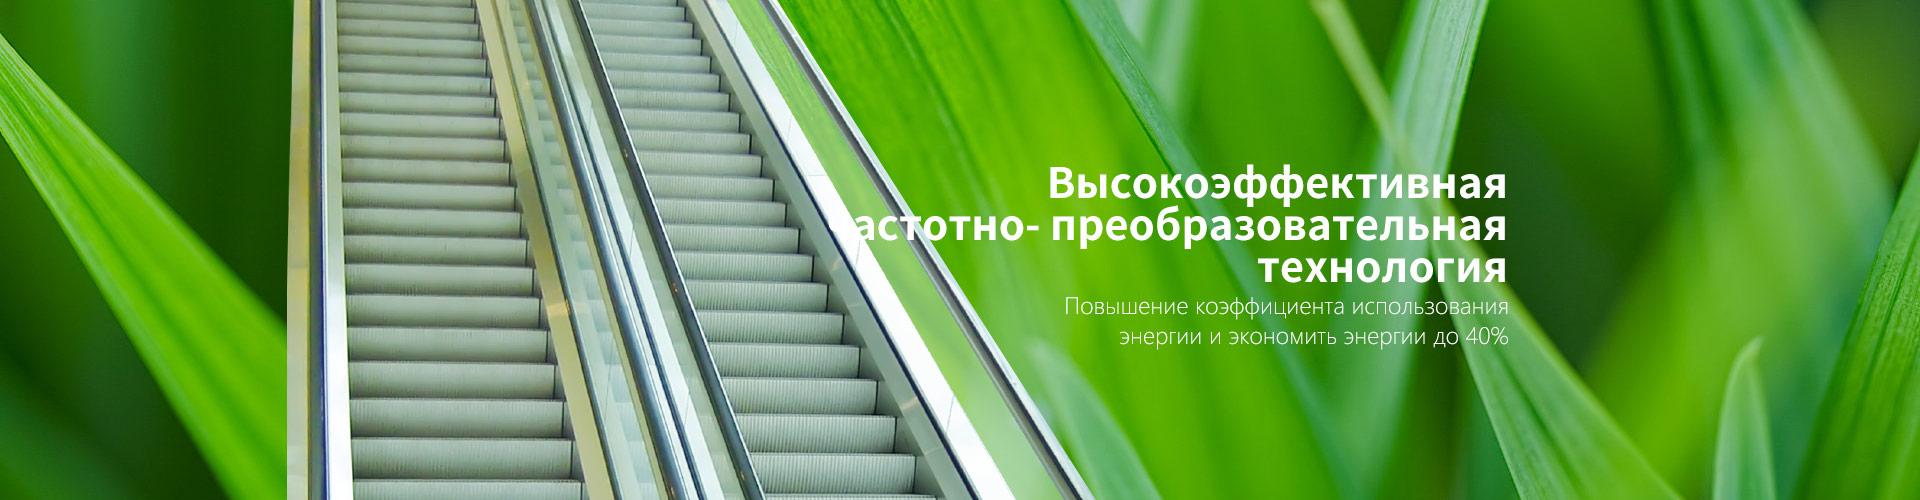 futi-ru_18